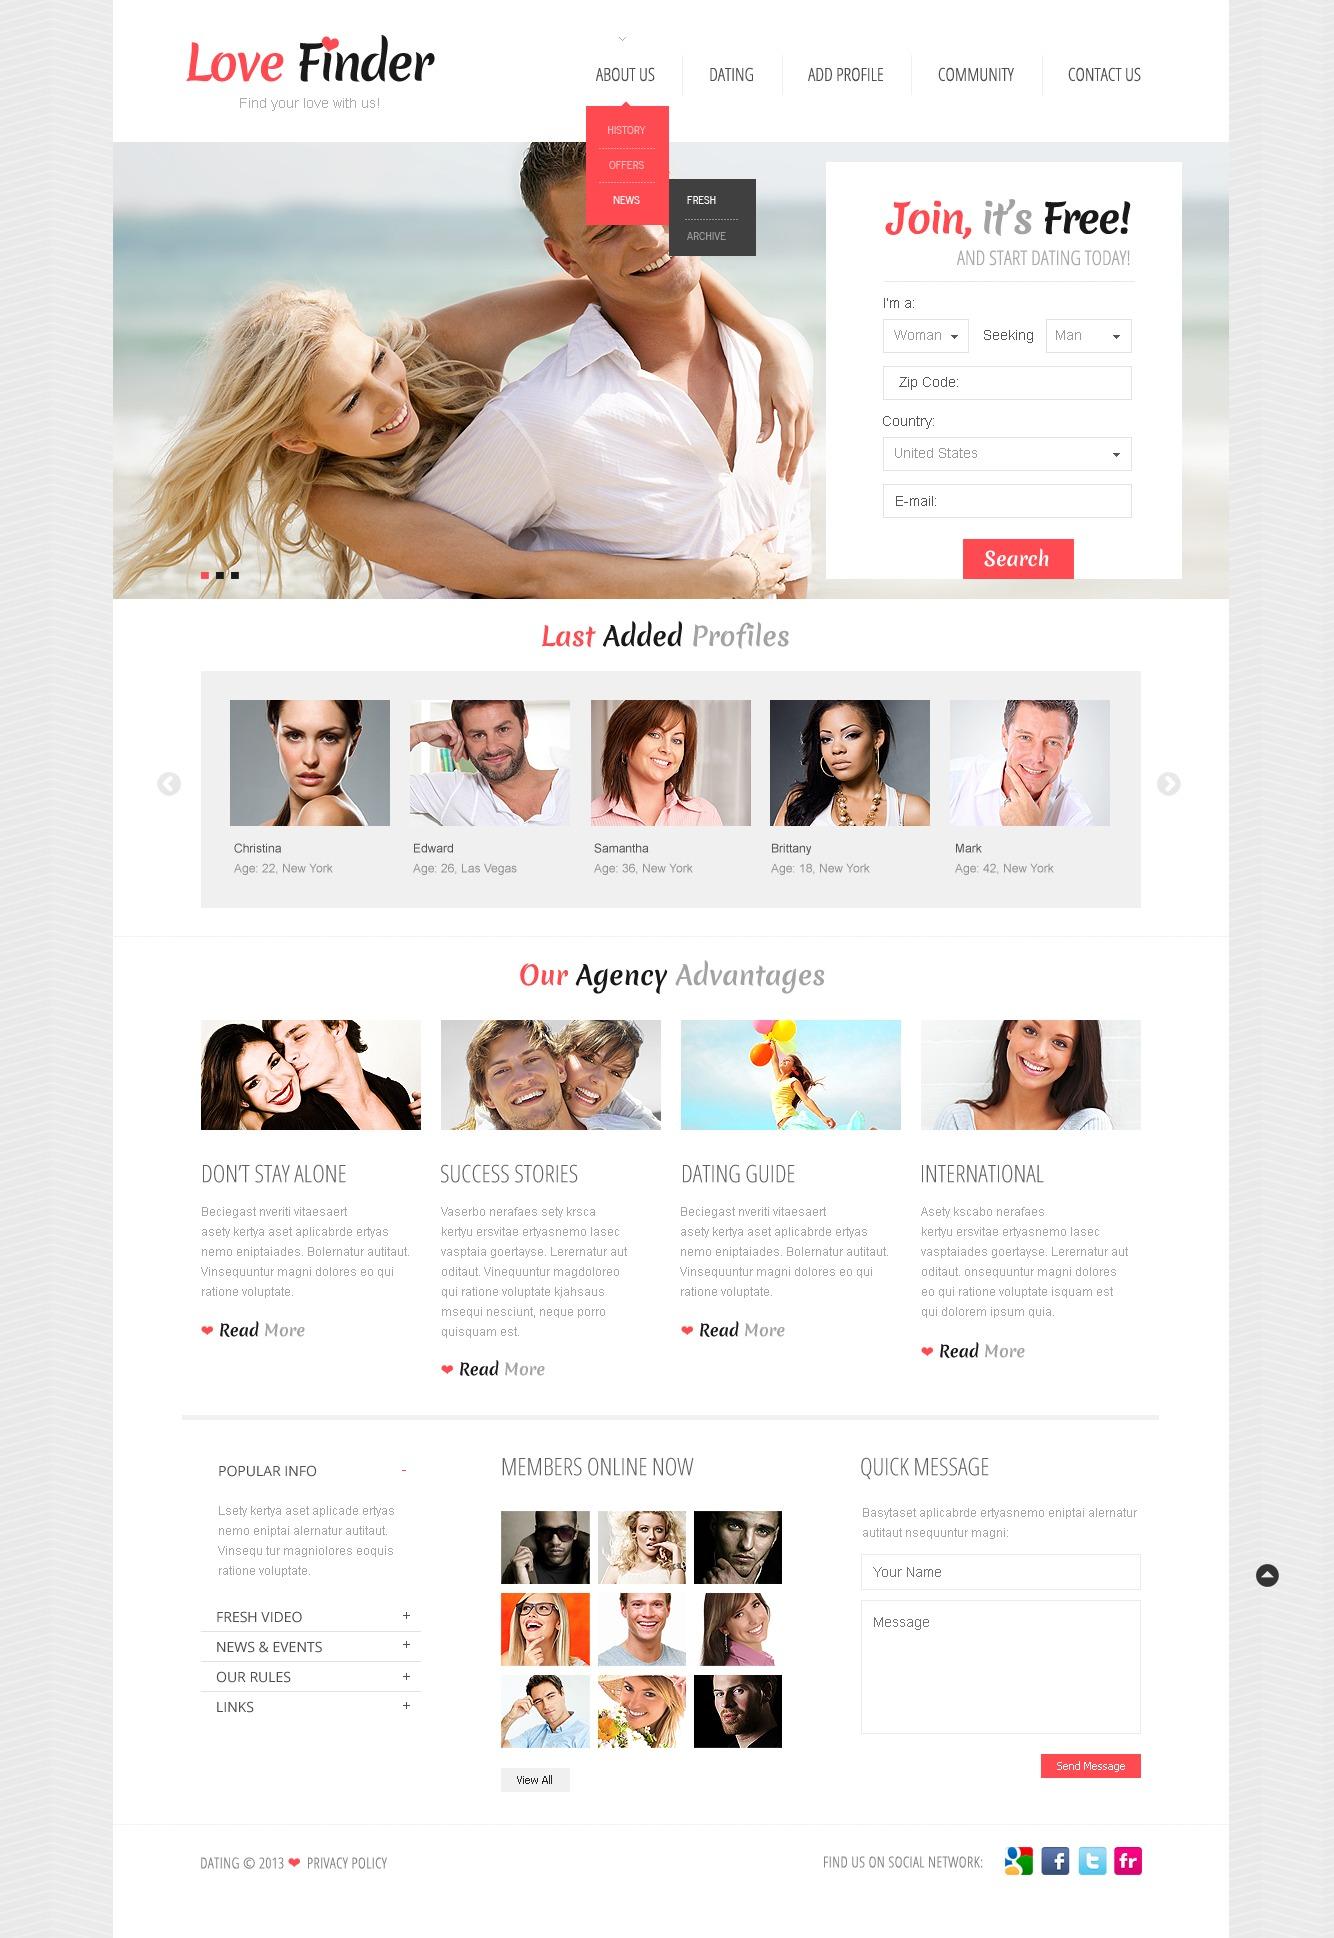 rambler сайт знакомств регистрация